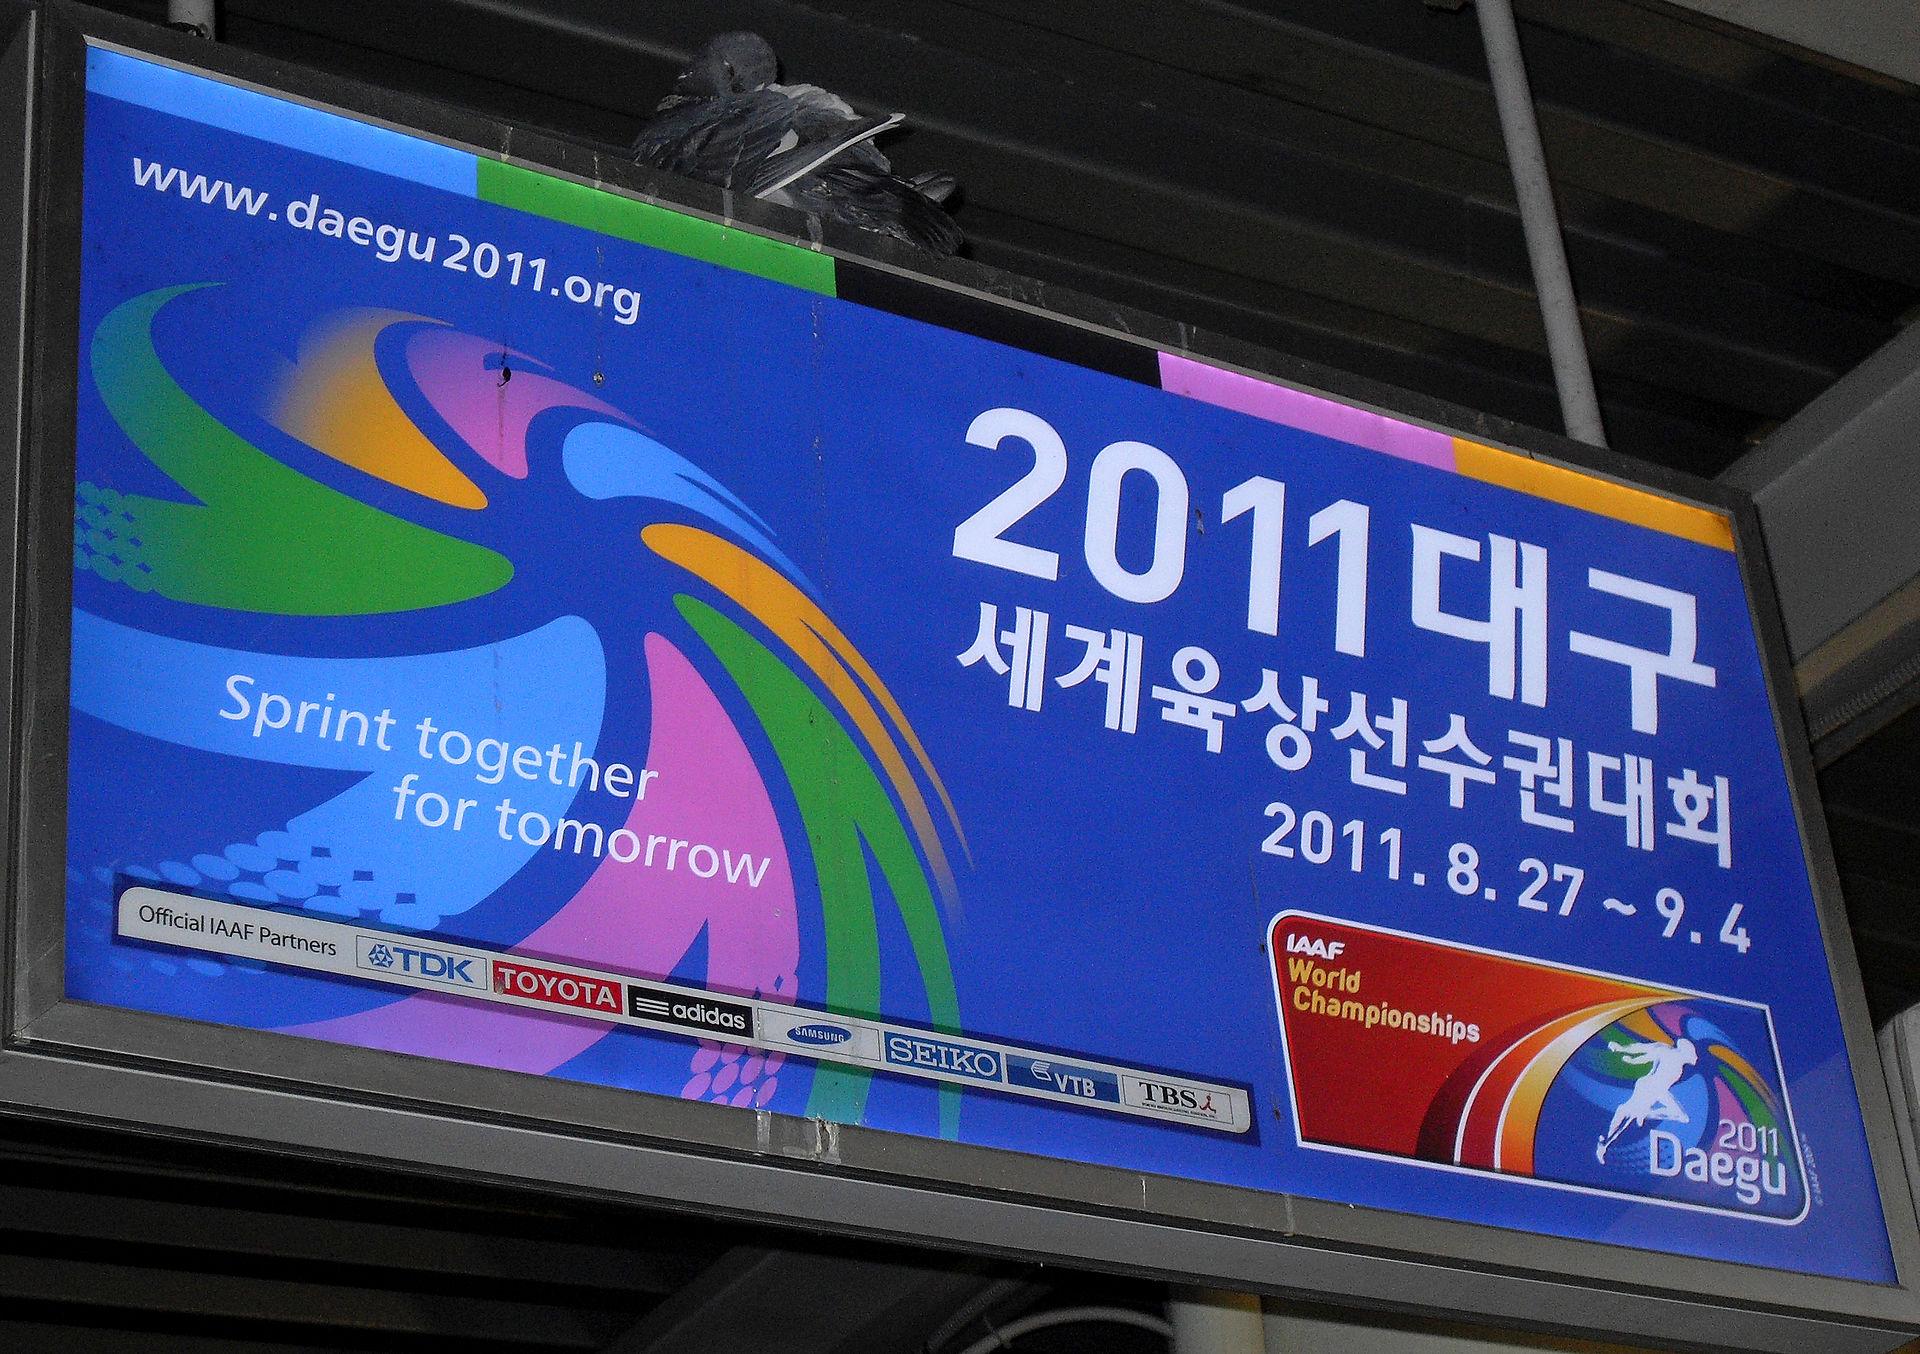 2011 대구 세계 육상대회